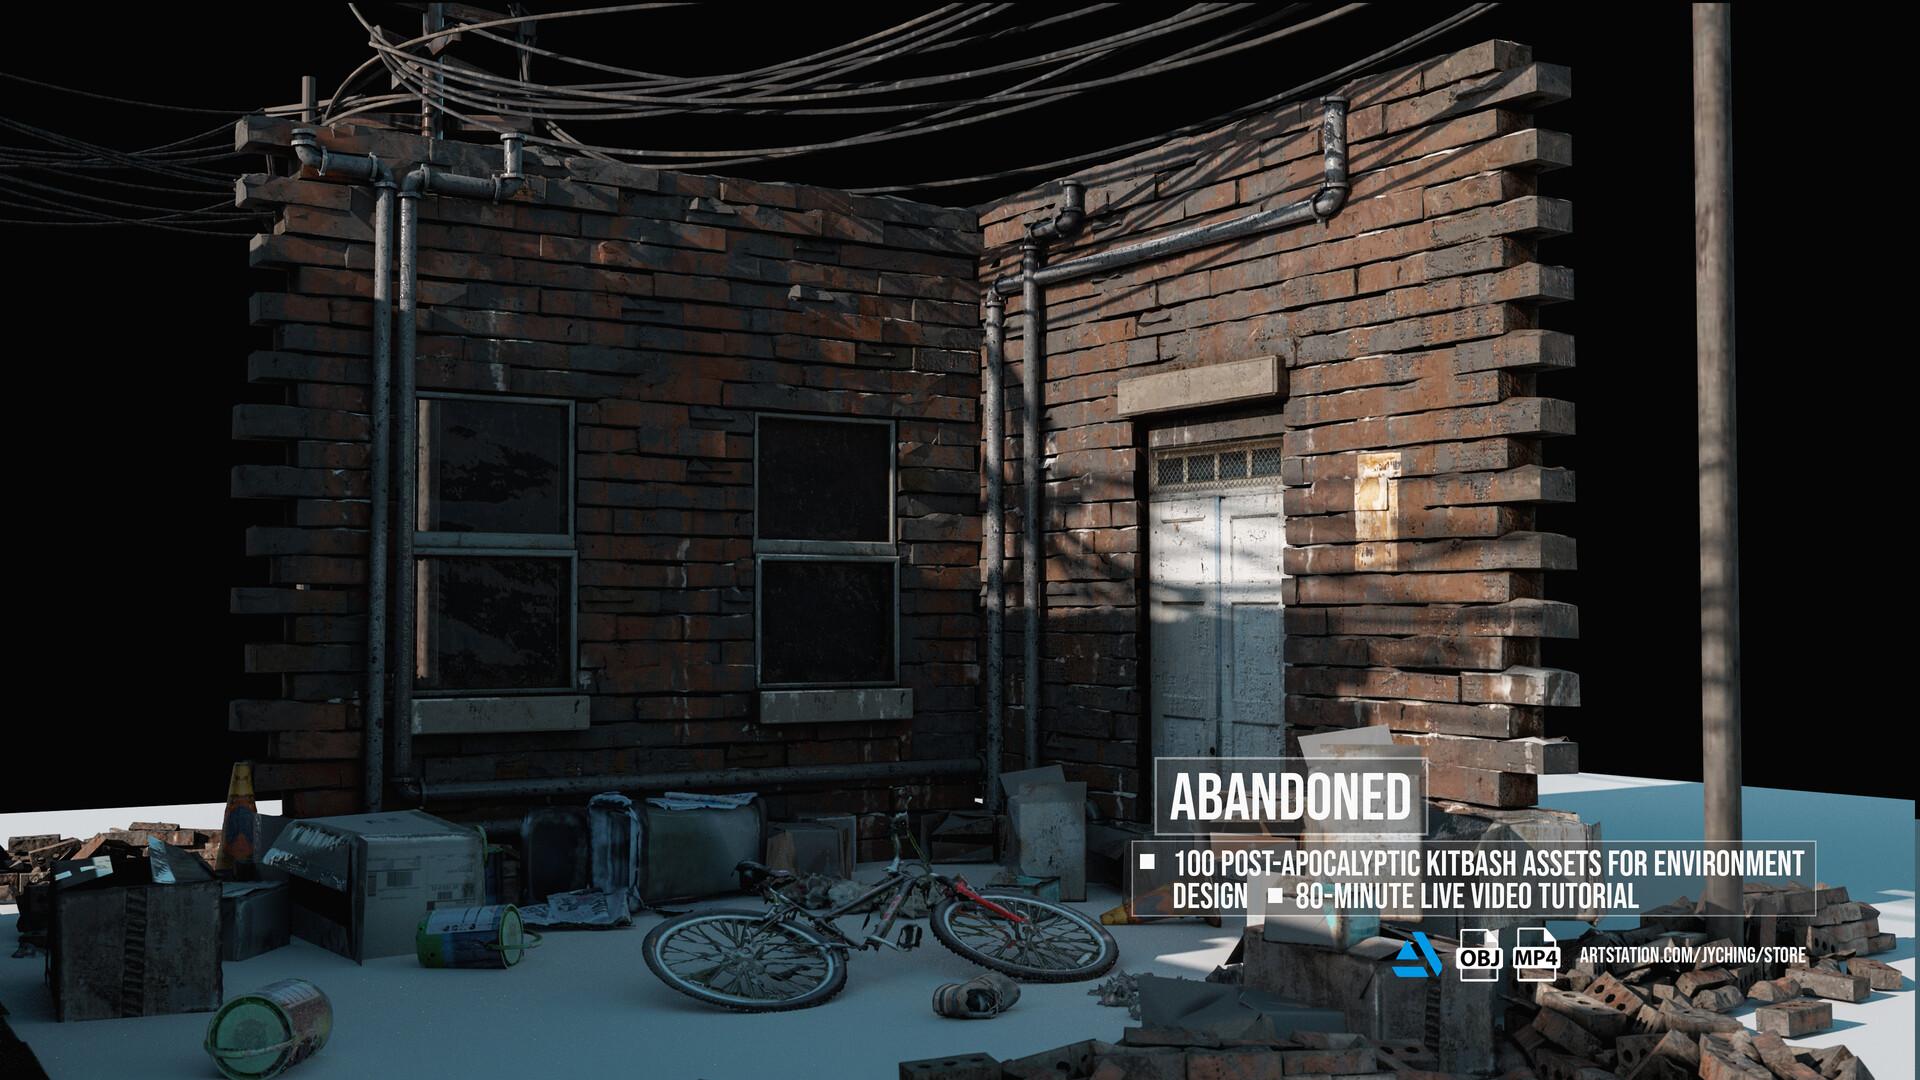 Jonathan ching abandoned assets 04